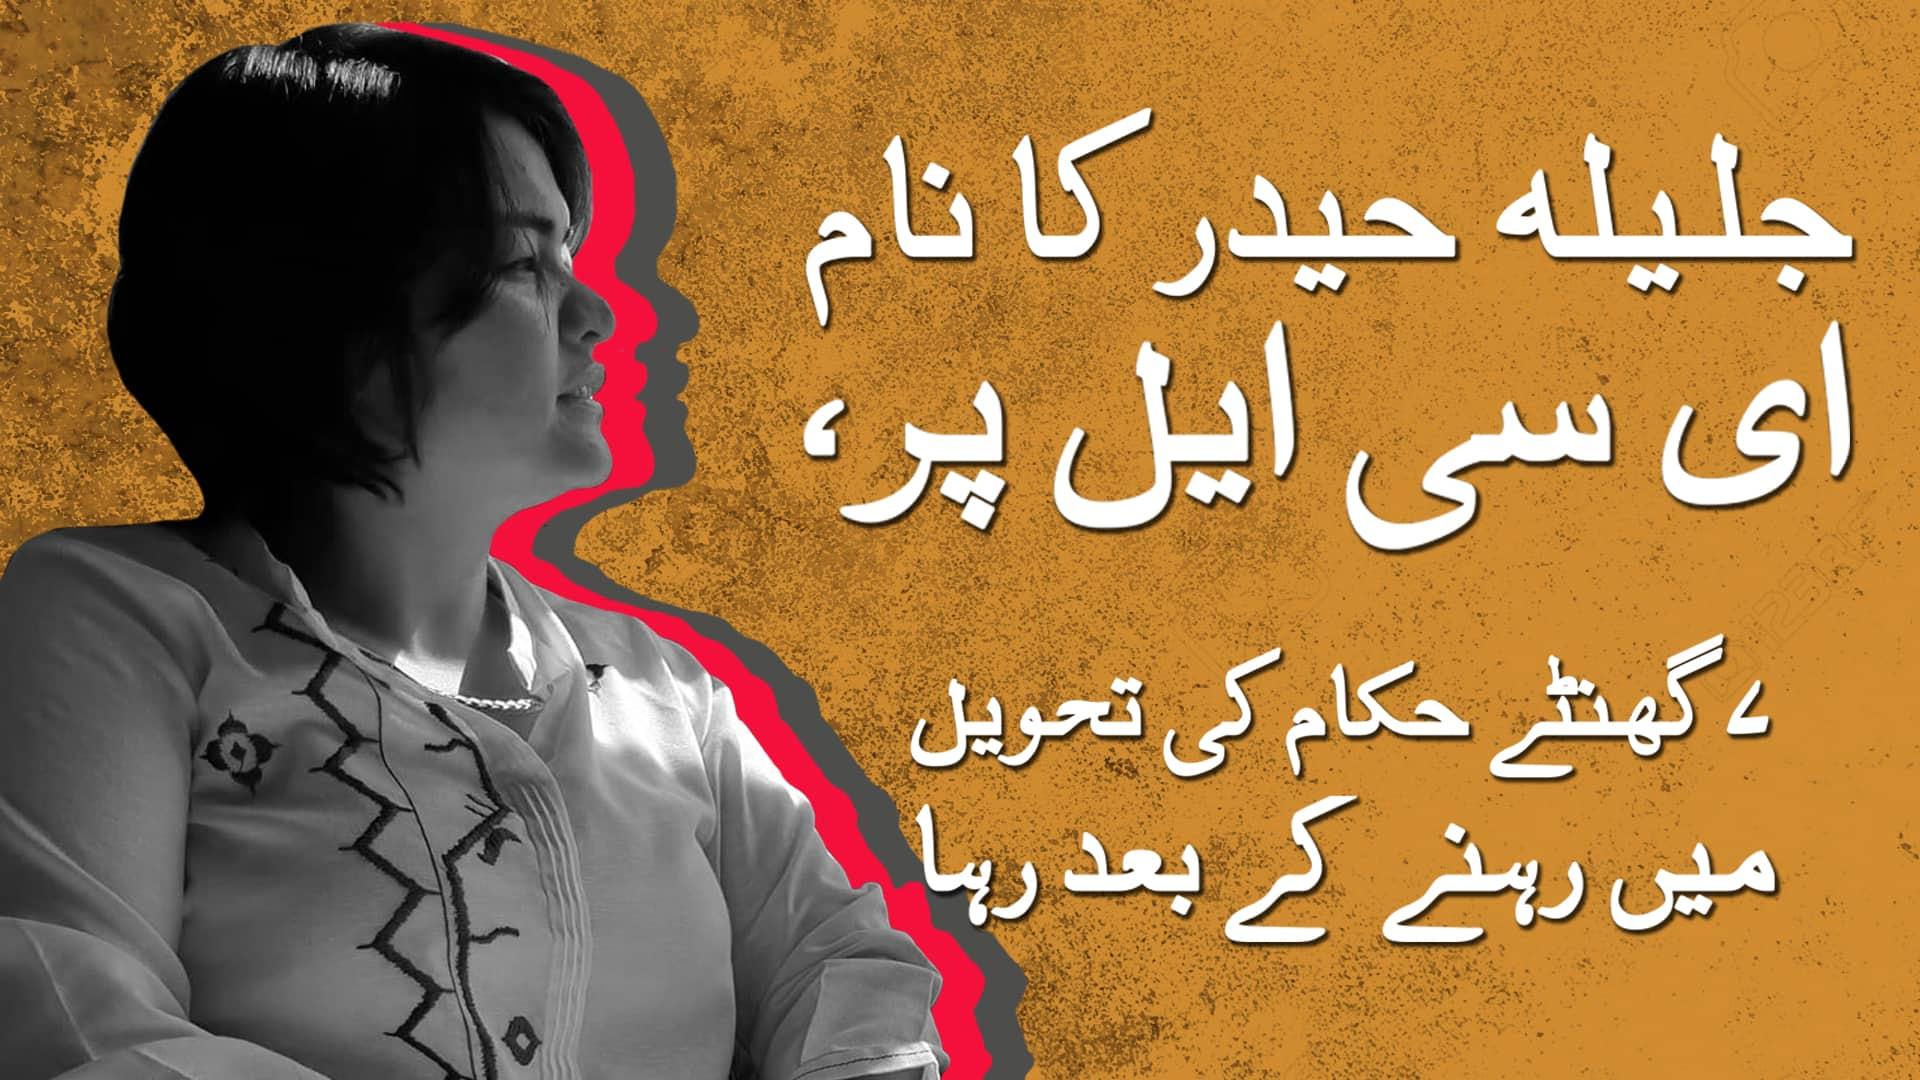 Jalila Haider